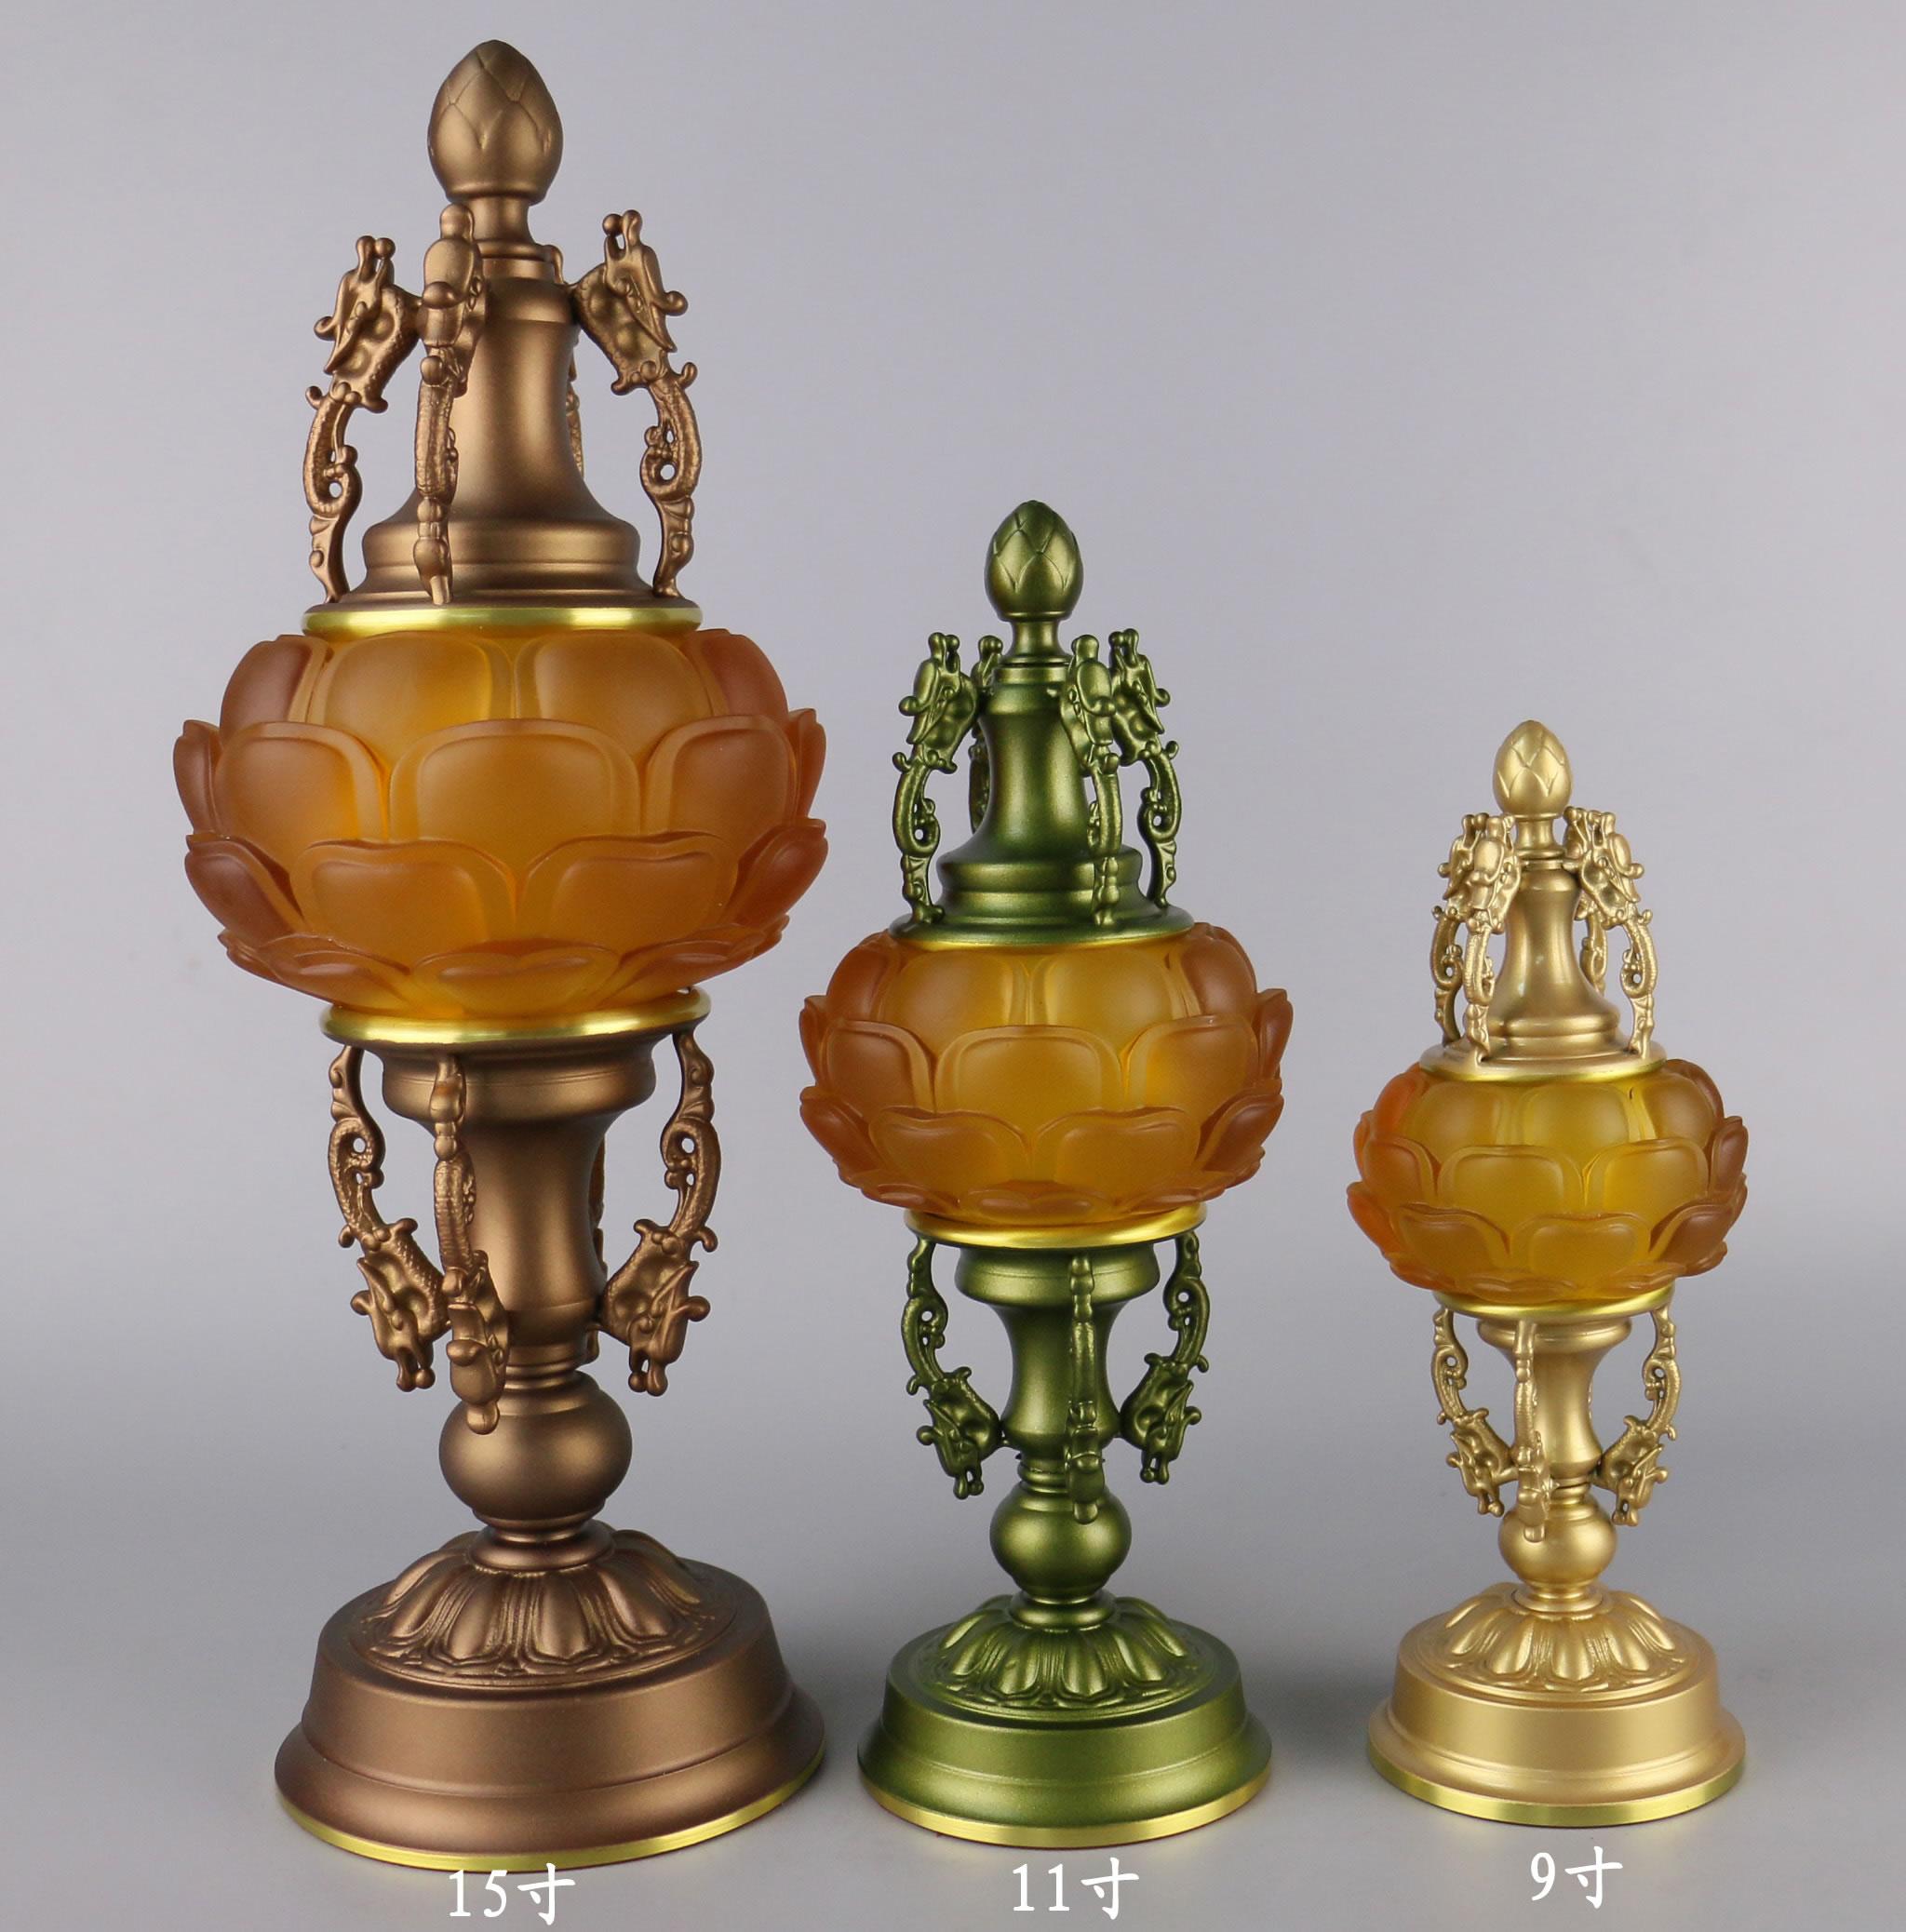 琉璃+黄铜LED供灯 琥珀色宝莲圣莲灯